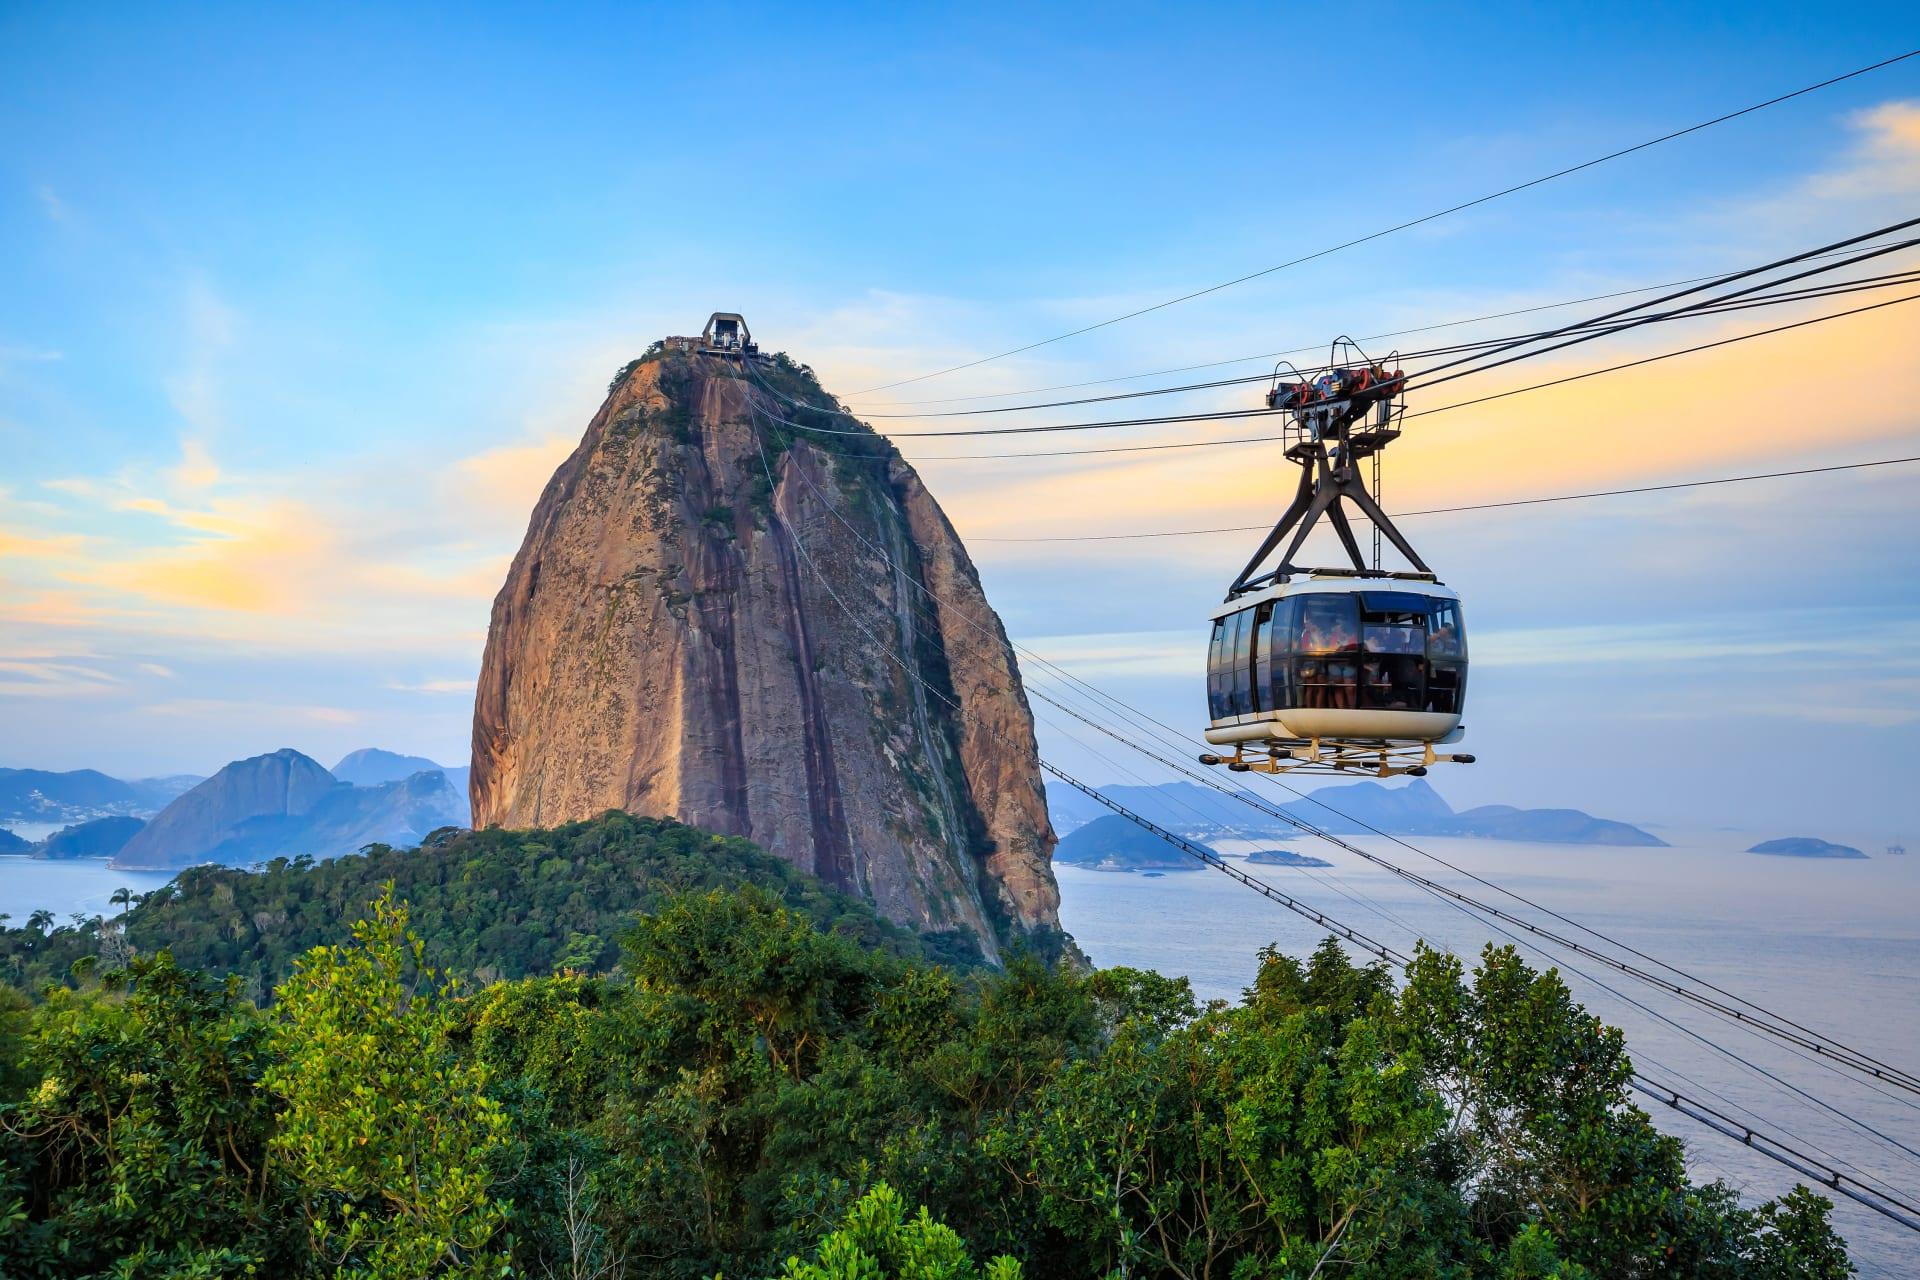 Rio de Janeiro - Sugar Loaf Mountain